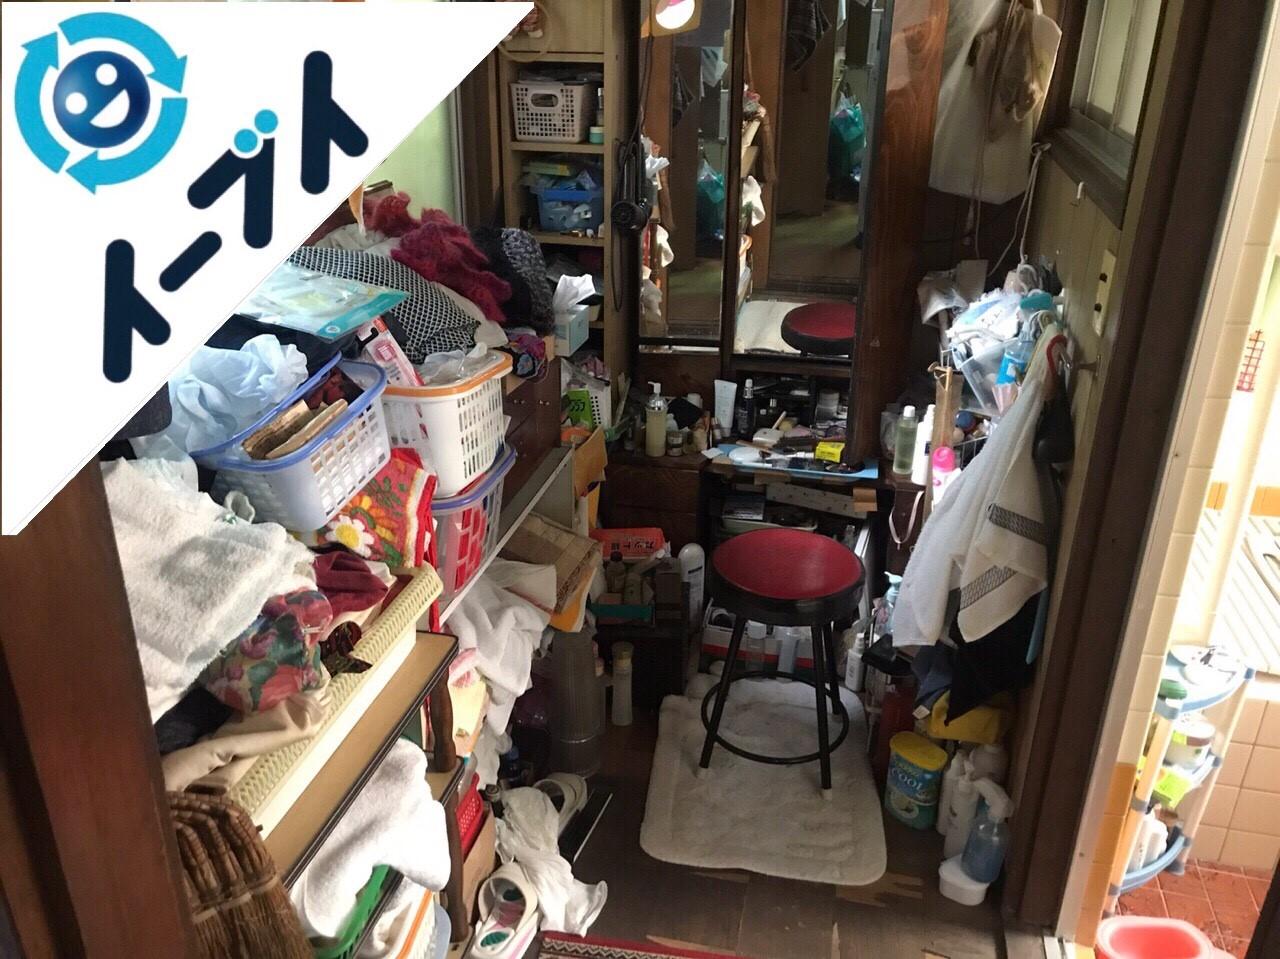 2018年10月28日大阪府大阪市西淀川区で使わなくなったスプレー缶や化粧品など片付けと不用品回収。写真1